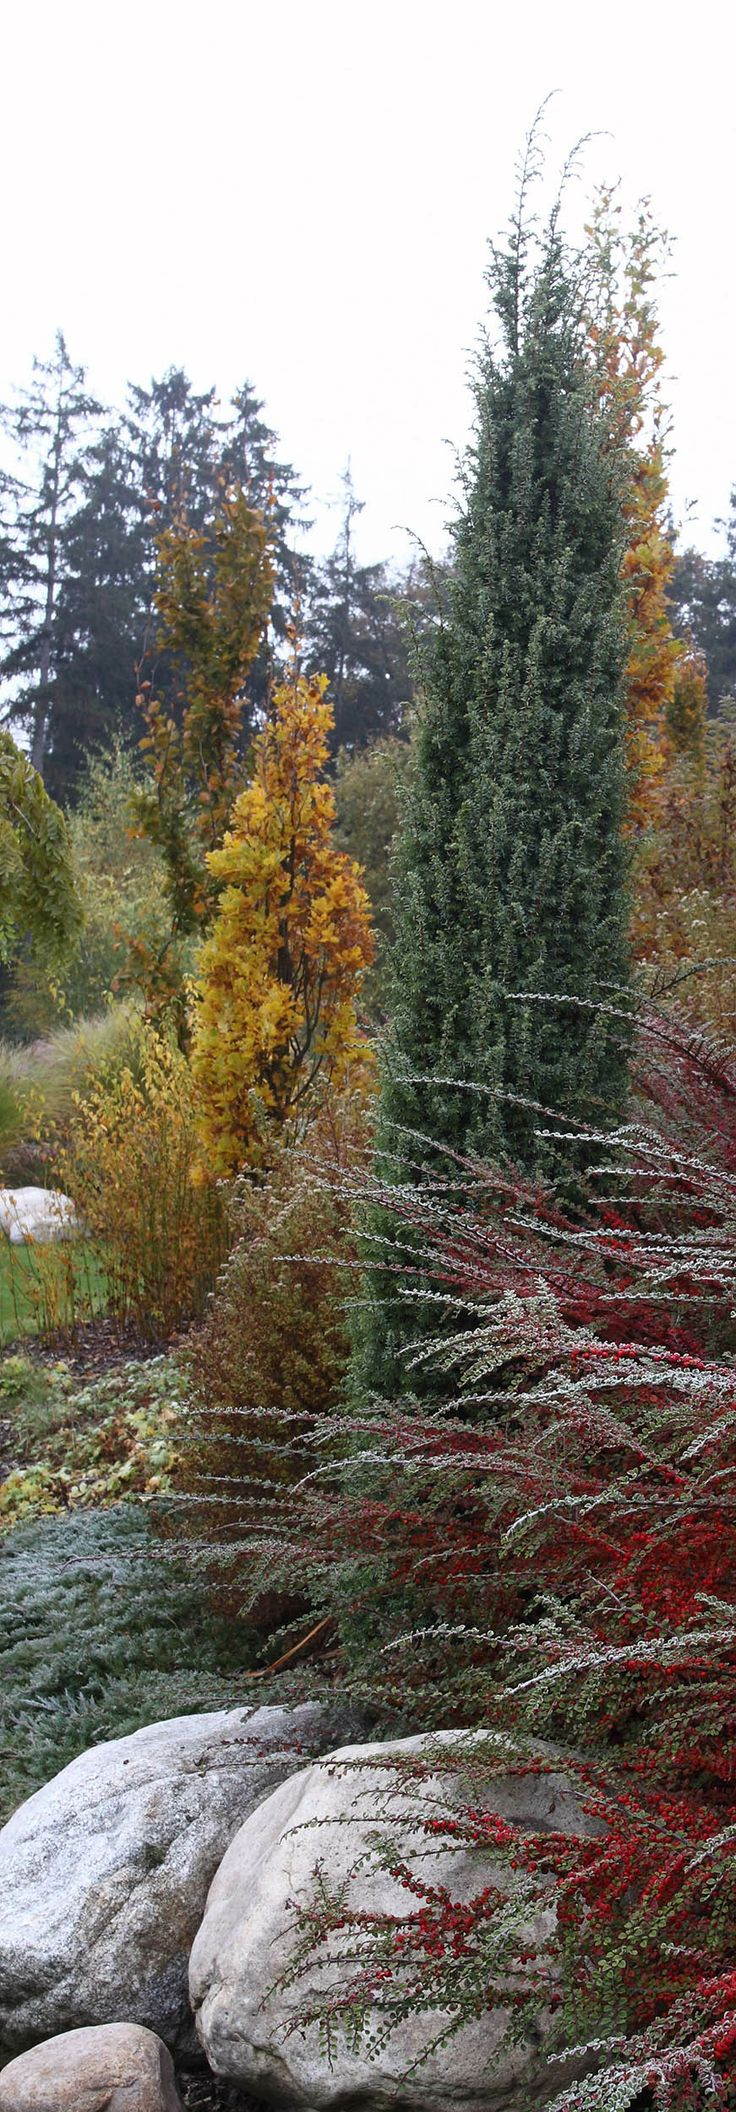 podzim v zahradě / autumn in the garden